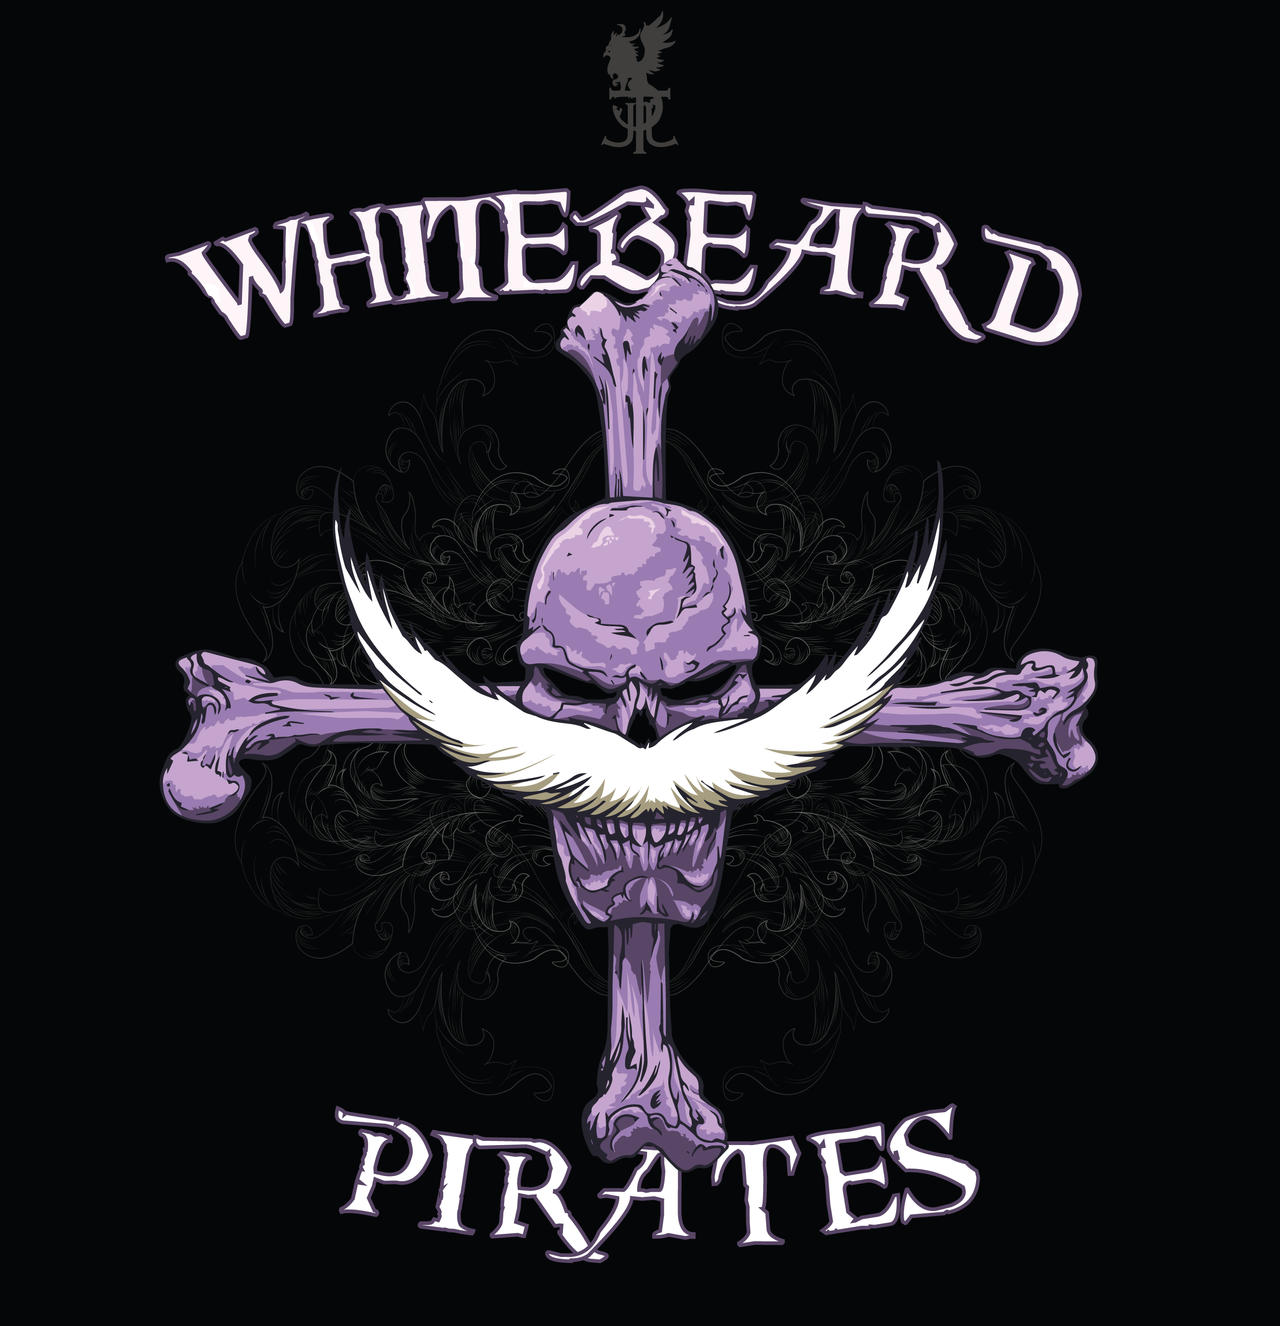 Whitebeard pirates logo - photo#34